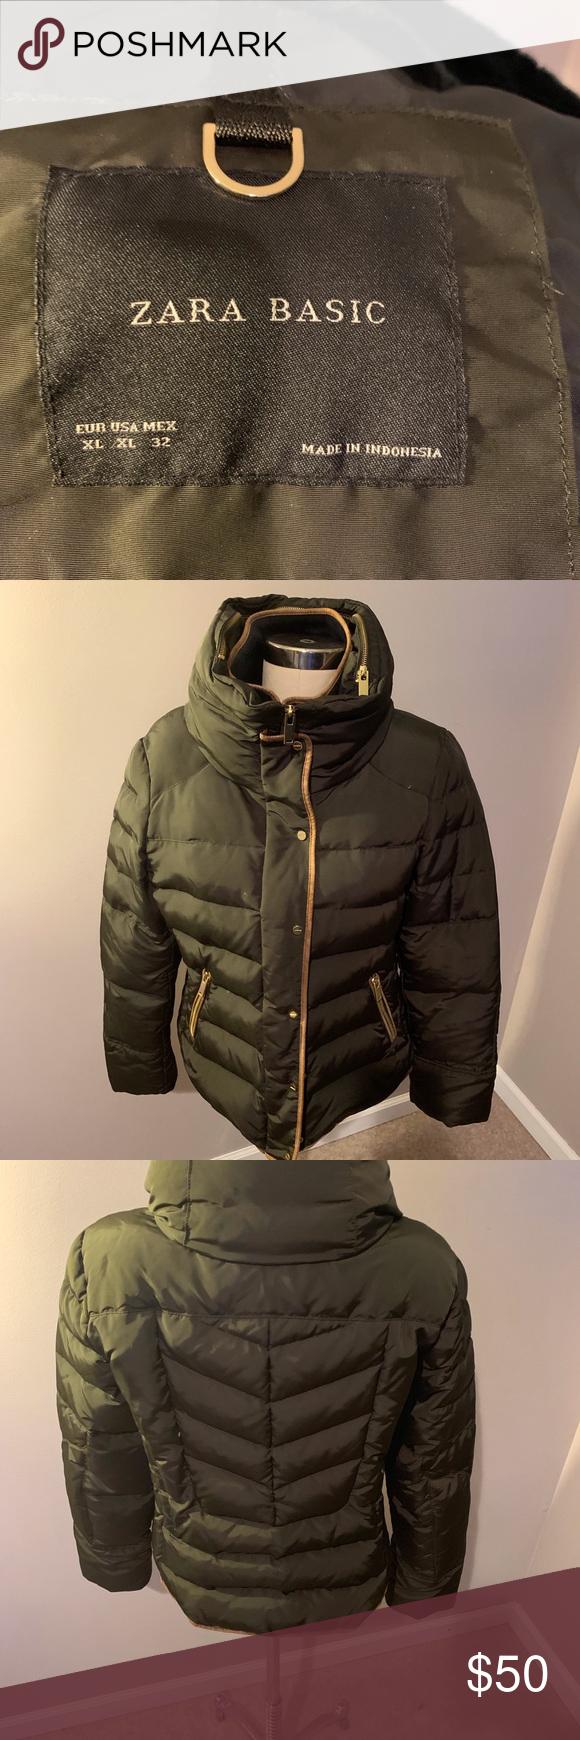 Zara Basic Down Jacket Womens Jackets For Women Zara Basic Jackets [ 1740 x 580 Pixel ]